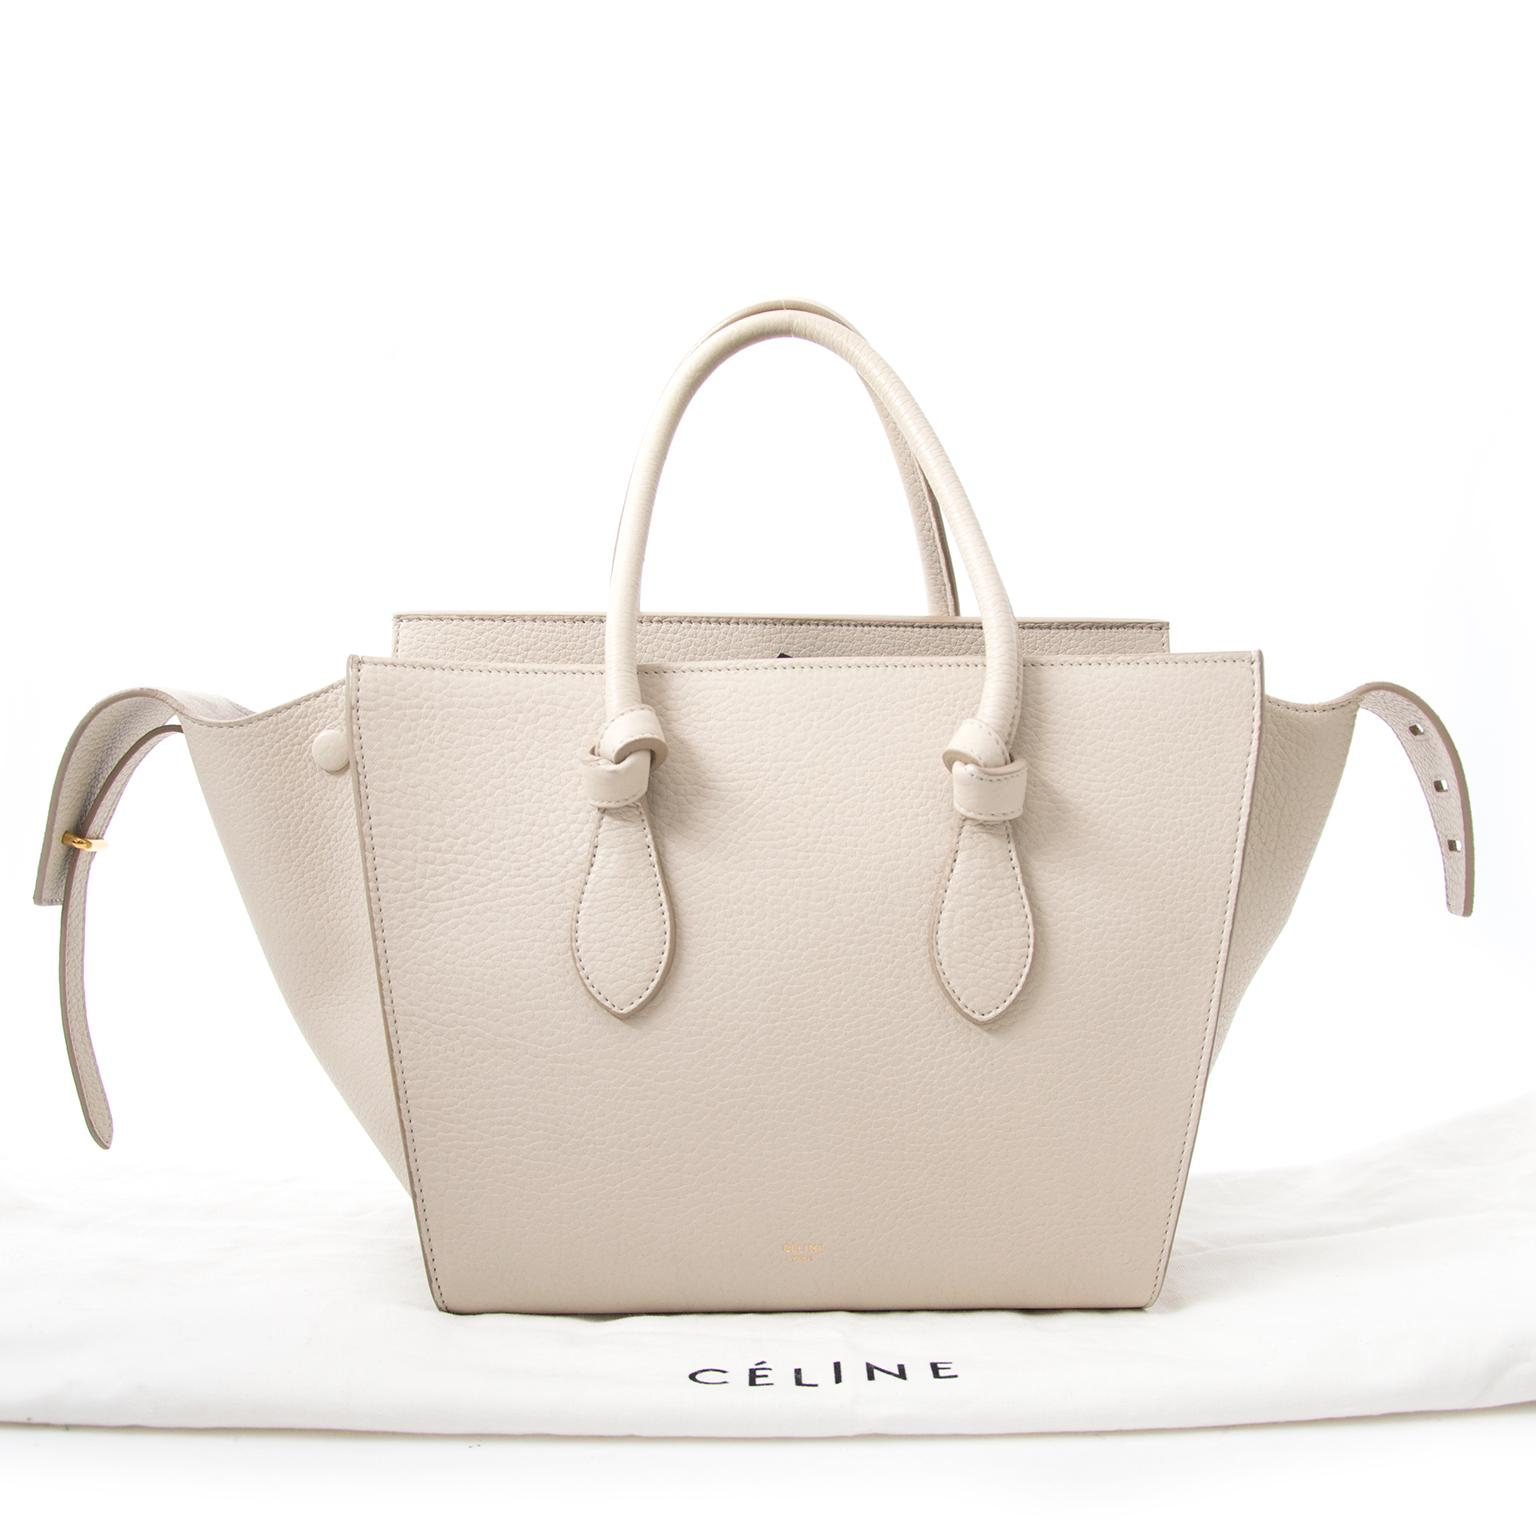 céline beige tie tas nu online bij labellov.com tegen de beste prijs